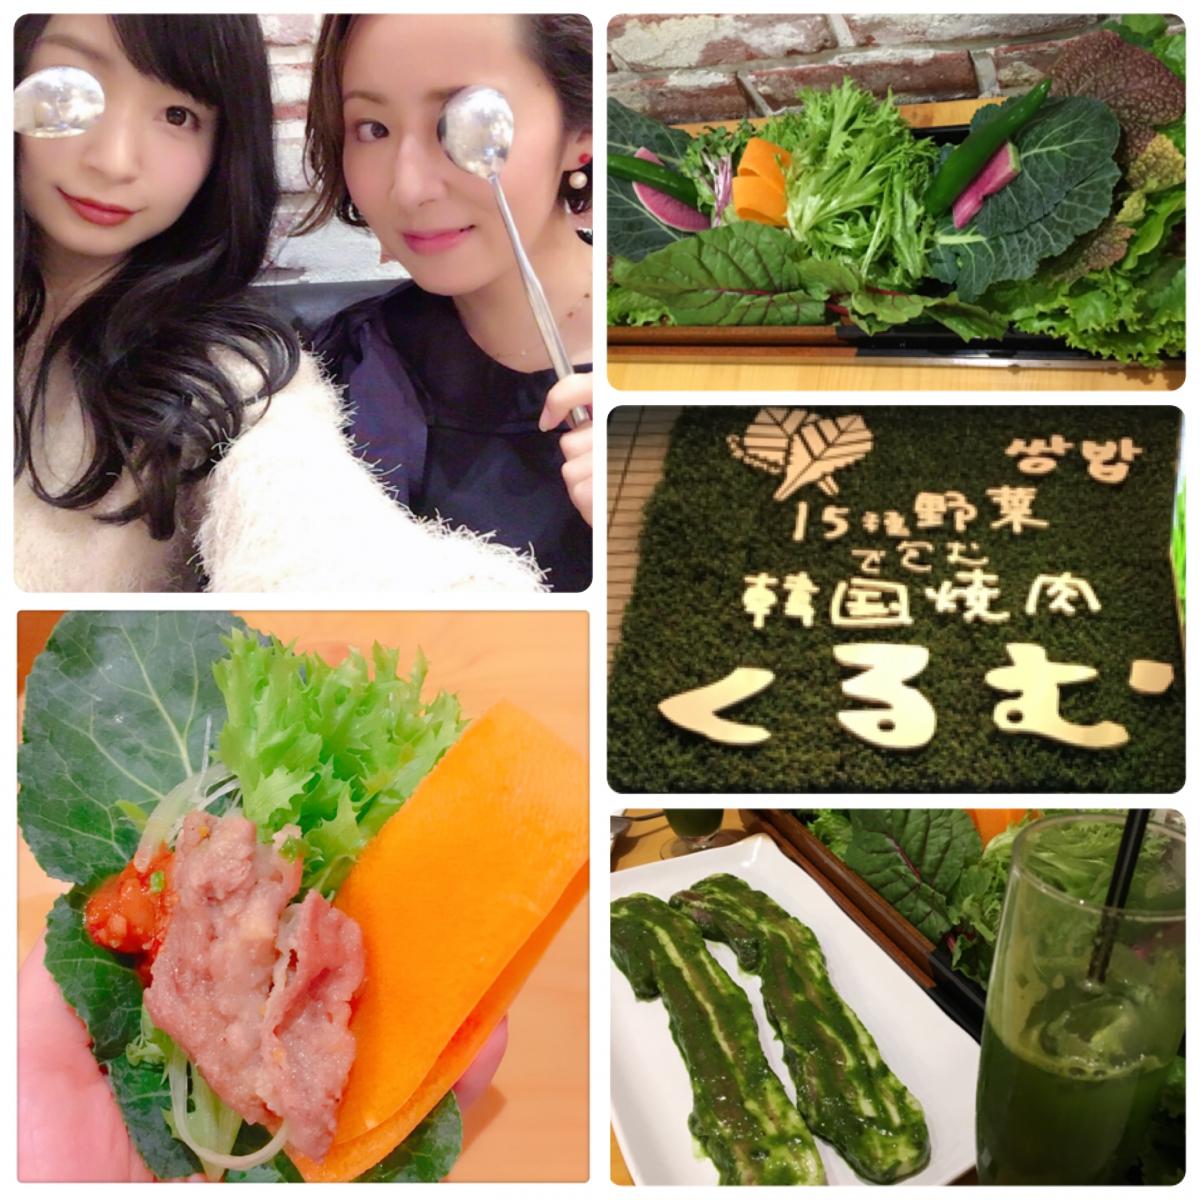 女子会に♥美味しいお野菜(大量)とお肉を罪悪感なく食べたいならここがオススメ!